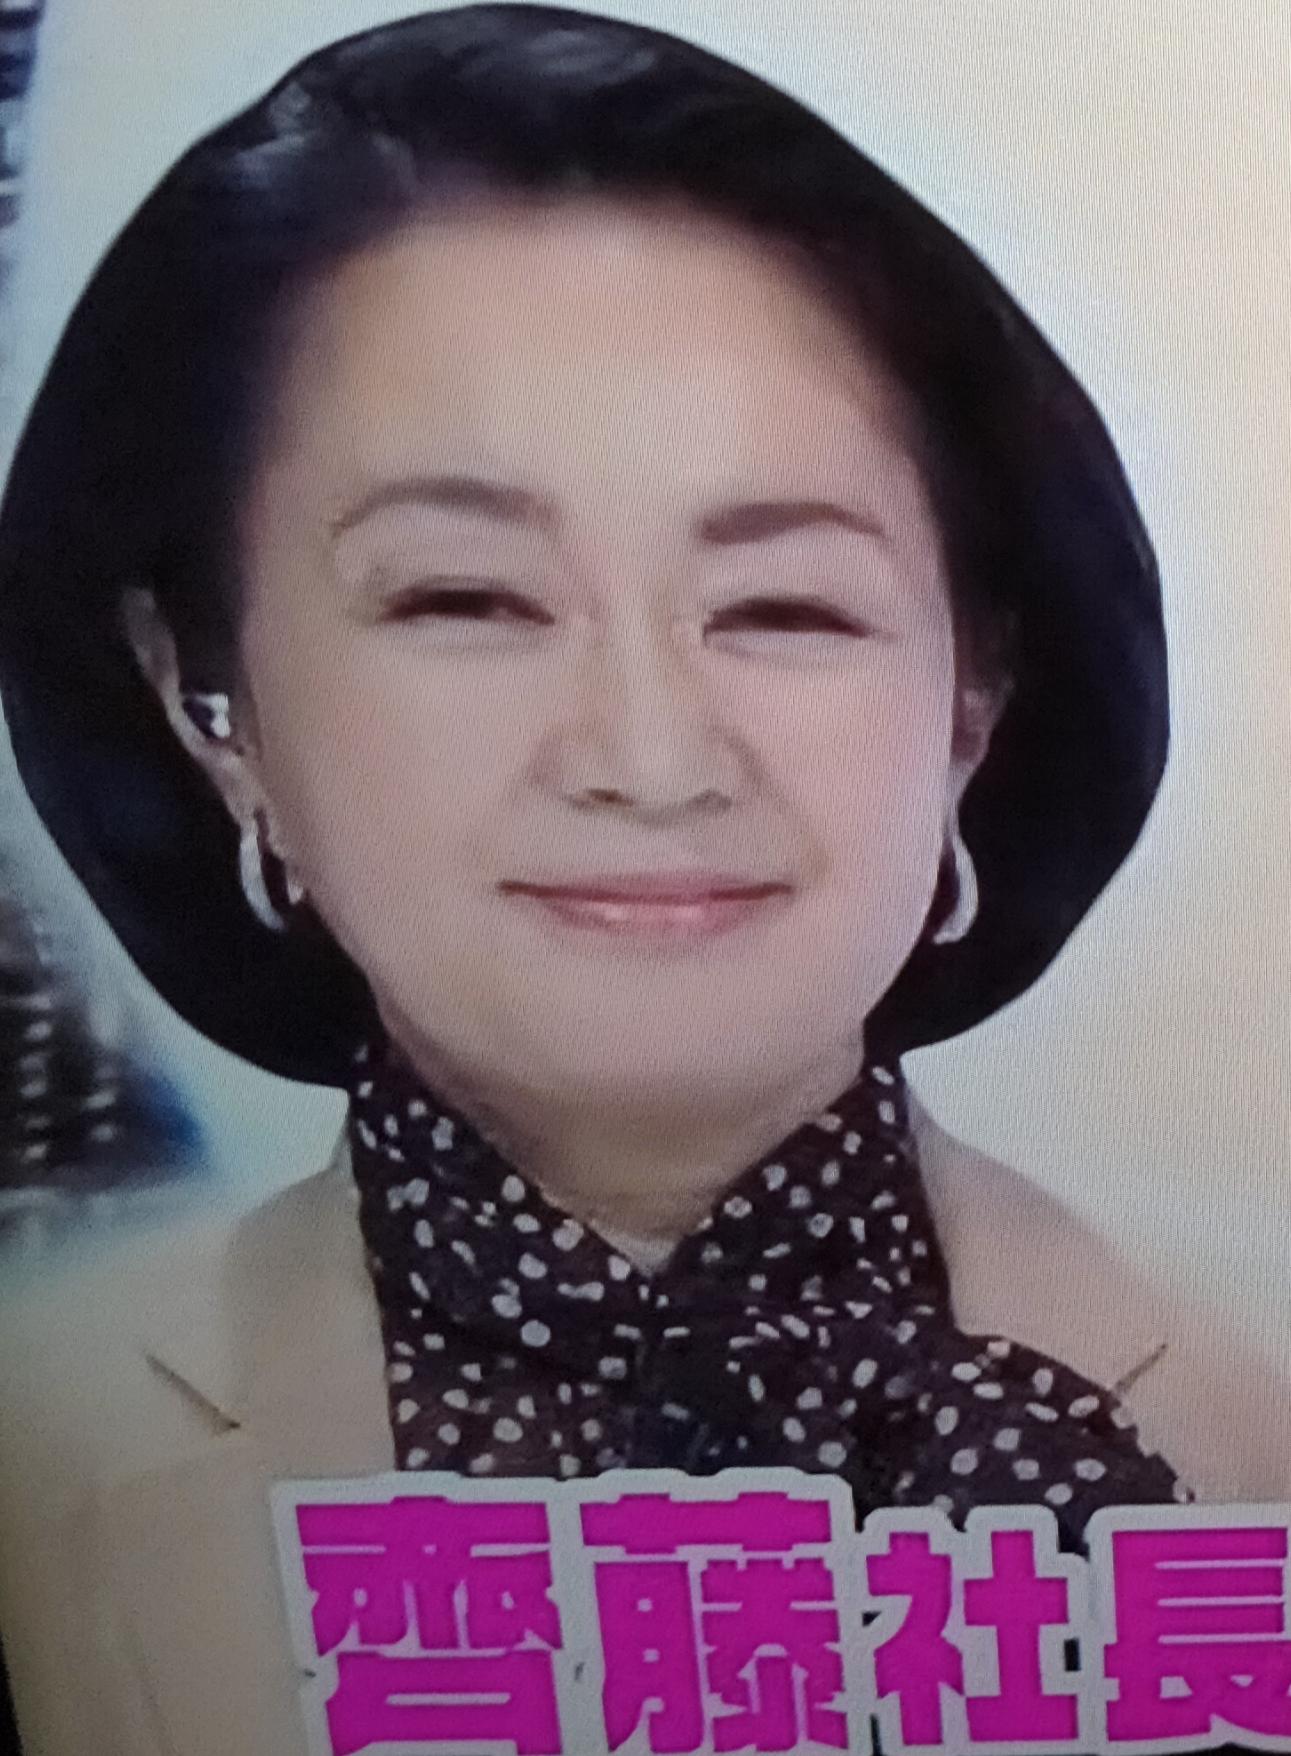 齊藤貴子シャトレーゼ社長wiki経歴!年収や結婚した旦那や子供は?